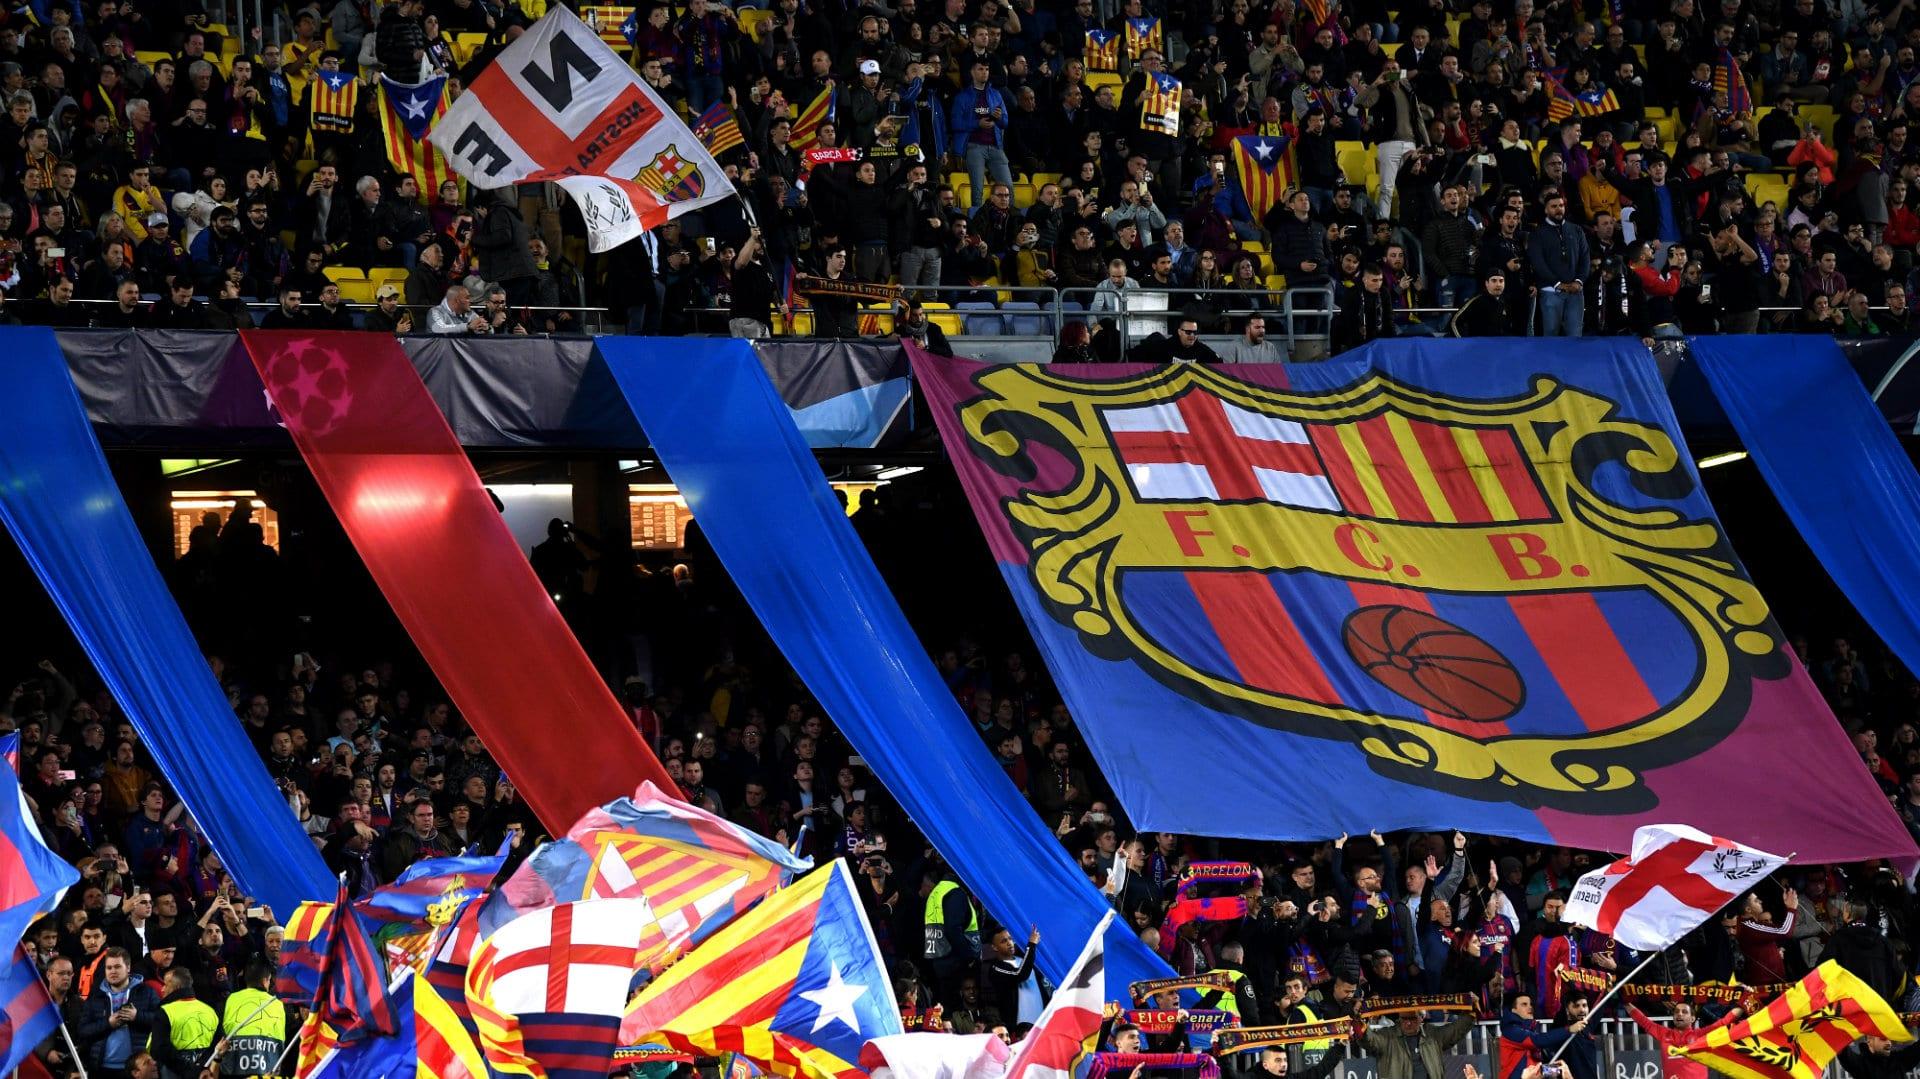 """رسميًا: برشلونة يحدد موعد عودة جماهيره إلى مدرجات ملعب """"الكامب نو"""""""